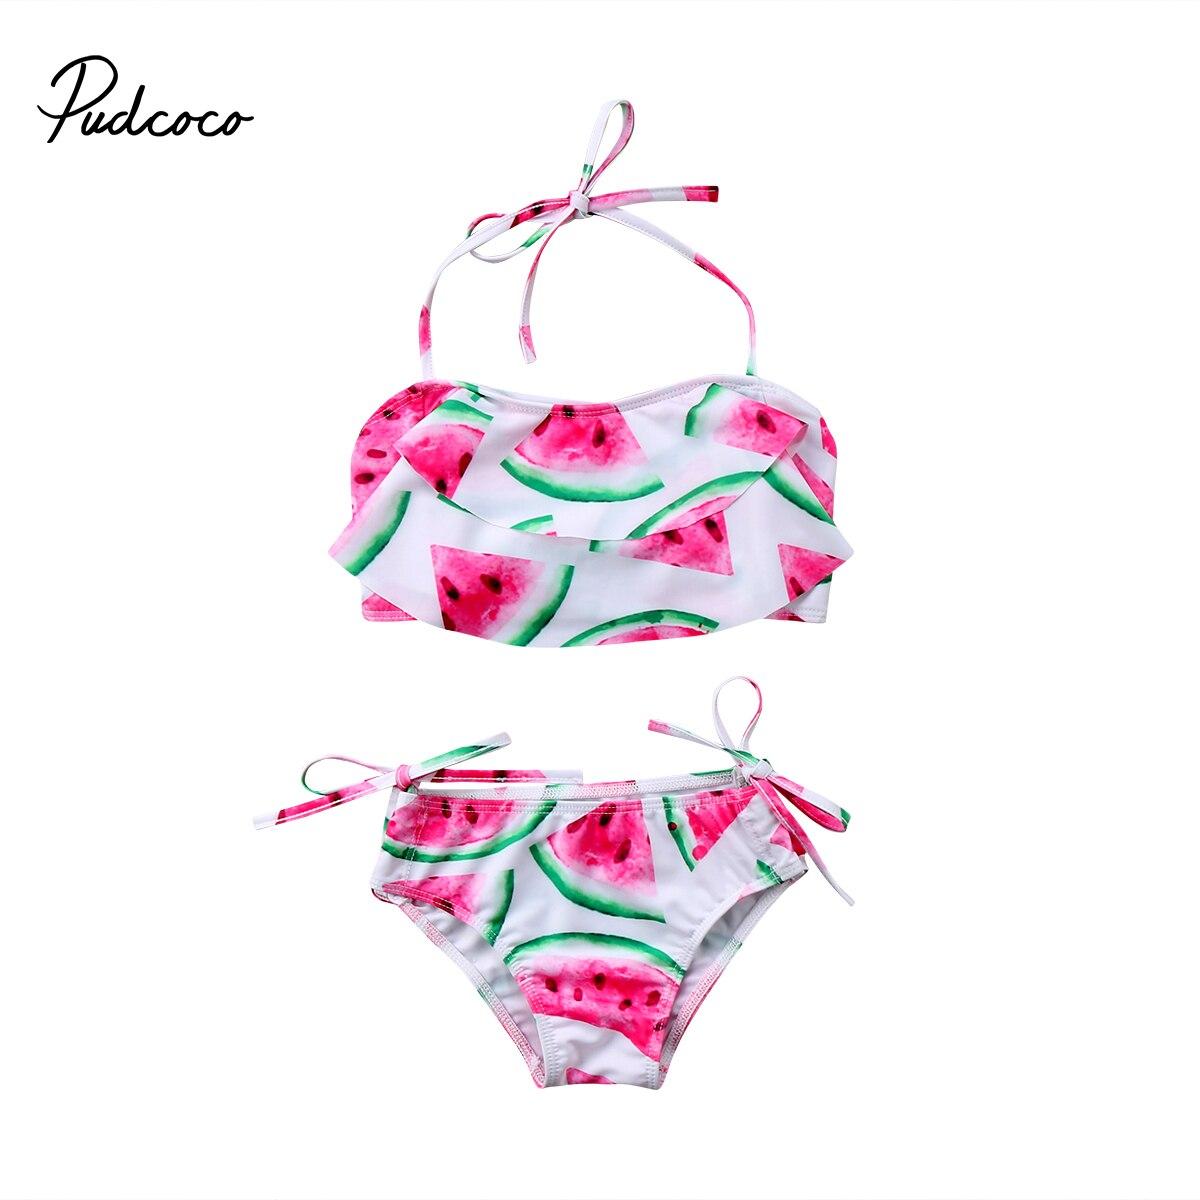 Angemessen 2 Stücke Kinder Mädchen Sommer Halter Zweiteilige Badebekleidung Badeanzug Kleines Mädchen Rüschen Top Briefs Beachwear-badeanzug